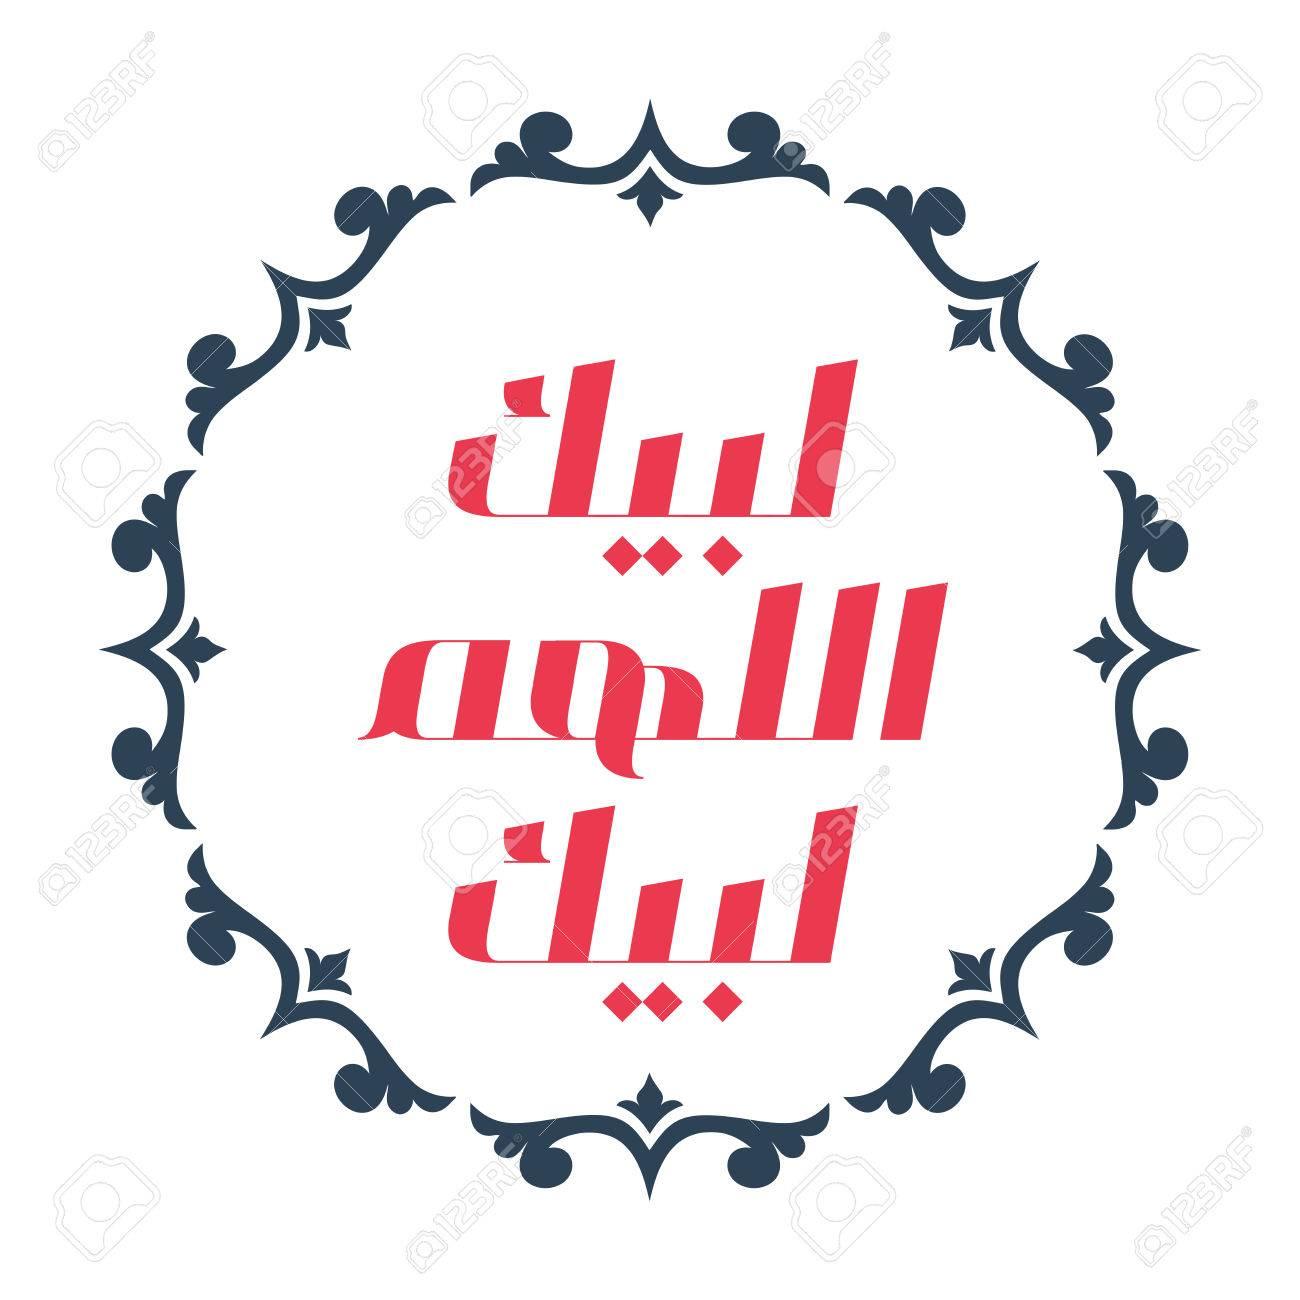 Wonderful Arabic Eid Al-Fitr Greeting - 84943627-arabic-calligraphy-of-an-eid-greeting-happy-eid-al-adha-eid-al-fitr-eid-mubarak-beautiful-greeting-c  Picture_177950 .jpg